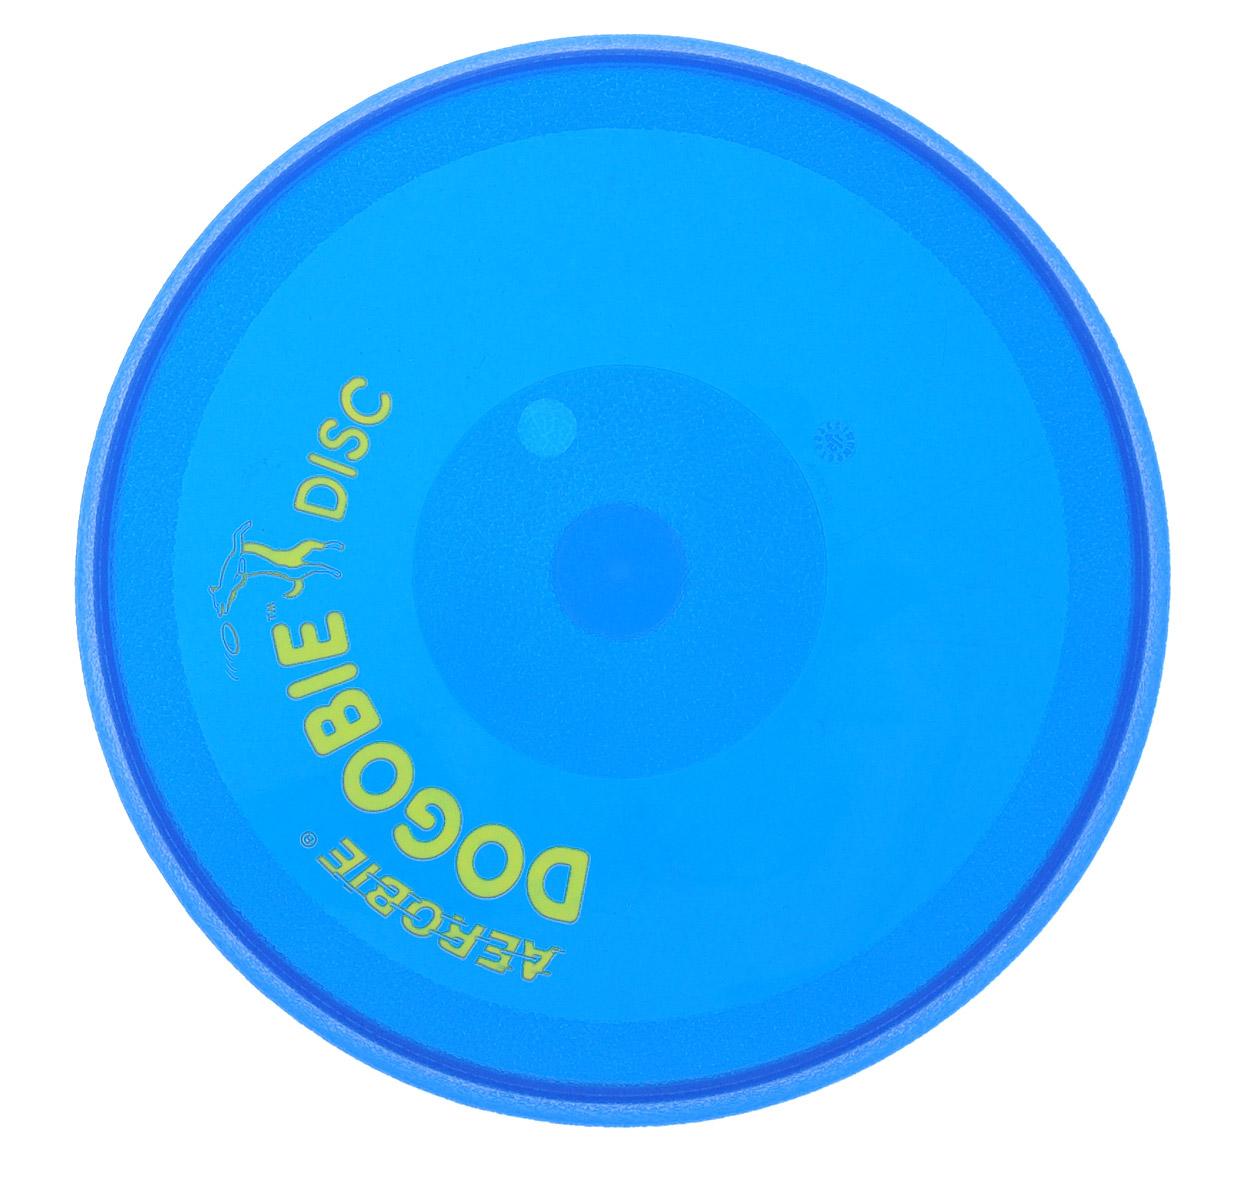 Диск летающий Aerobie Dogobie, цвет: синий, желтый261Летающий диск Aerobie Dogobie специально разработан для ваших четвероногих любимцев. Теперь вы можете не волноваться за их зубы и десны. Материал, из которого созданы этот диск, легок, эластичен, но удивительно прочен. Его очень сложно прокусить или порвать. Кроме того, специалисты компании сумели сохранить летные качества присущие всем дискам данной фирмы. Его концы в форме спойлера позволят бросить диск на большую дистанцию и ребенку, и взрослому. Диск станет прекрасным дополнением к вашим прогулкам в парке или на пляже. Яркий цвет не даст диску утонуть и не потеряется, а игра с диском доставит вам и вашему питомцу просто море удовольствия. Диаметр диска: 20,5 см. Высота диска: 1,5 см.